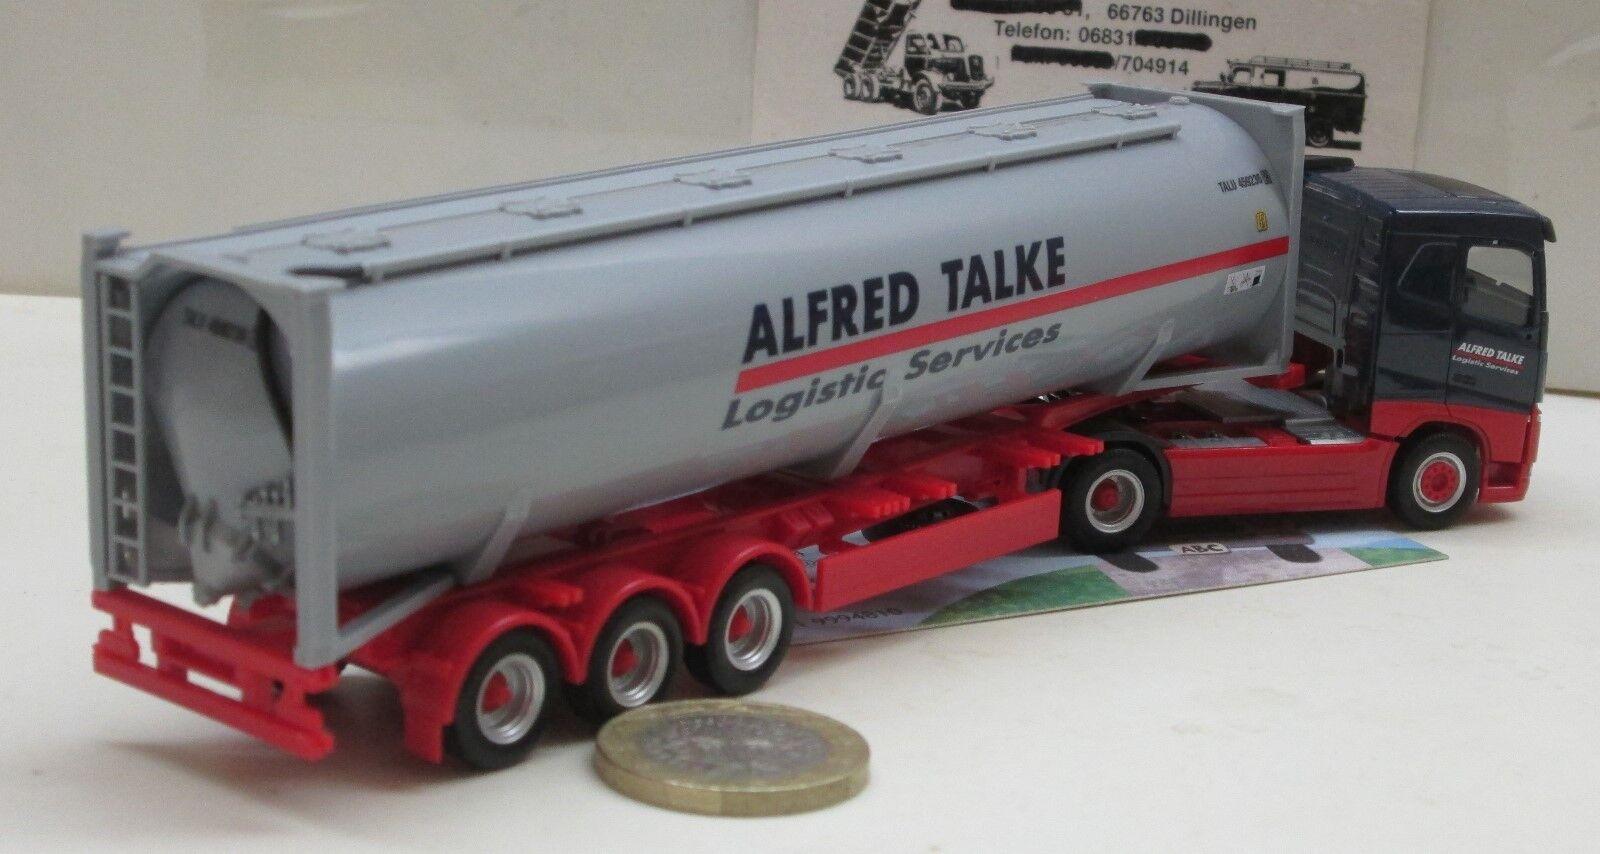 Herpa 309363 Volvo FH tejado plano-drucksilo contenedor-remolcarse contenedor-remolcarse contenedor-remolcarse  Alfrojo TALKE  842398